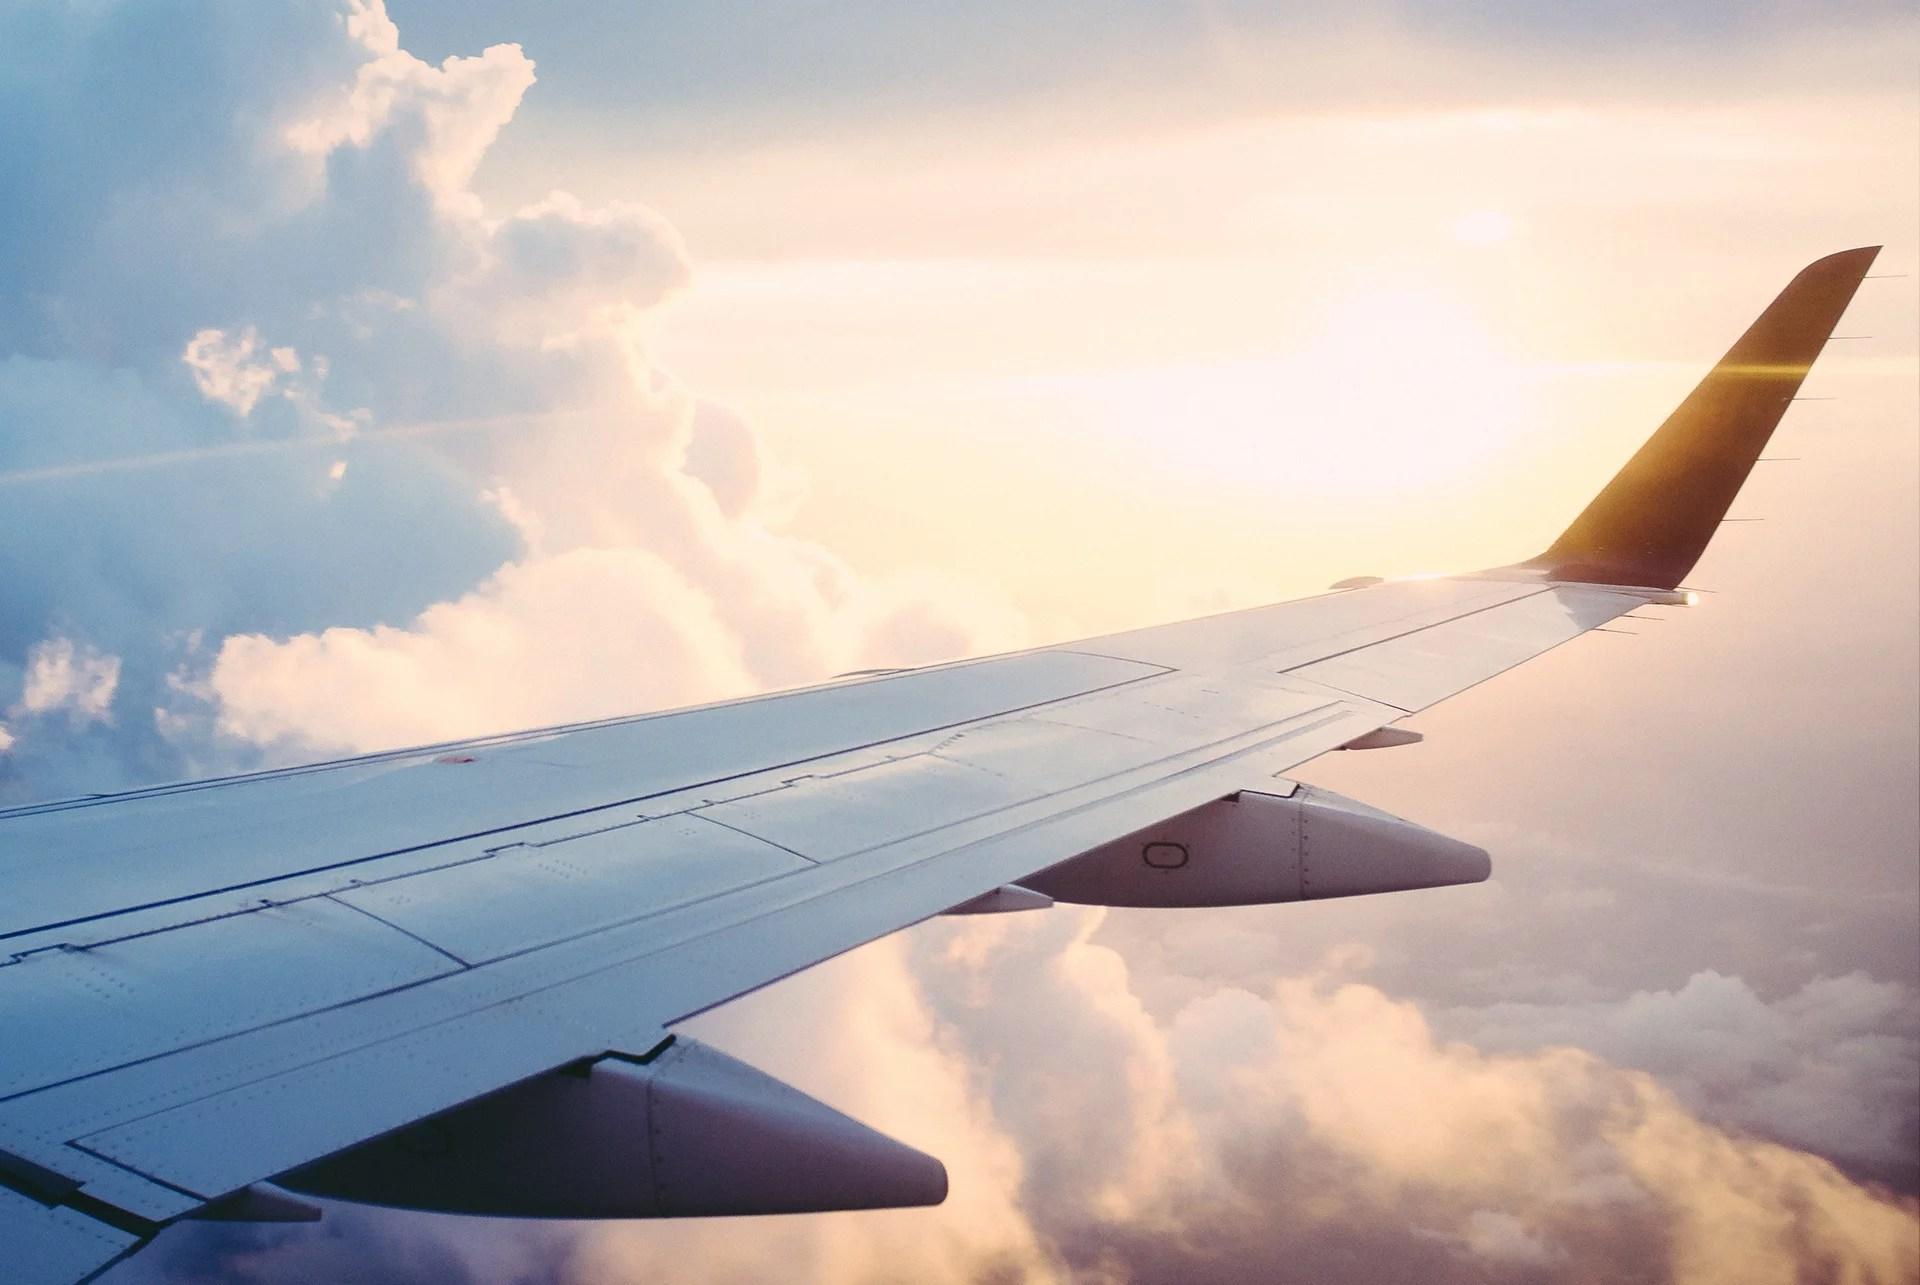 Firma de pagos criptográficos Utrust se asocia con plataforma Alternative Airlines para impulsar la adopción de criptomonedas en el comercio aéreo